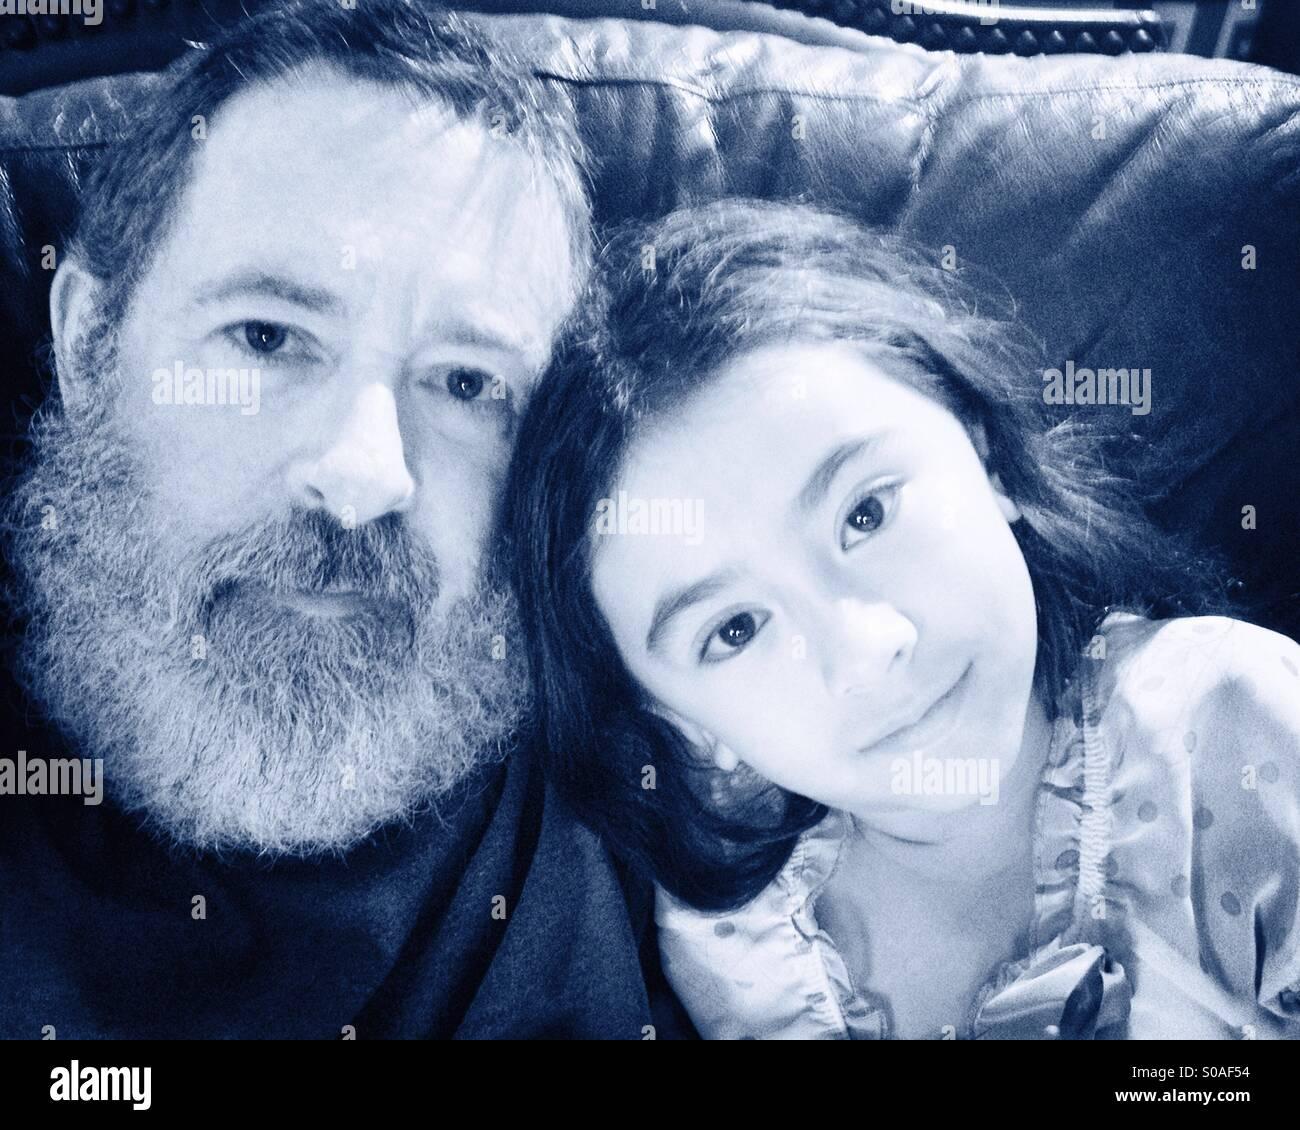 Père et fille. selfies Photo Stock